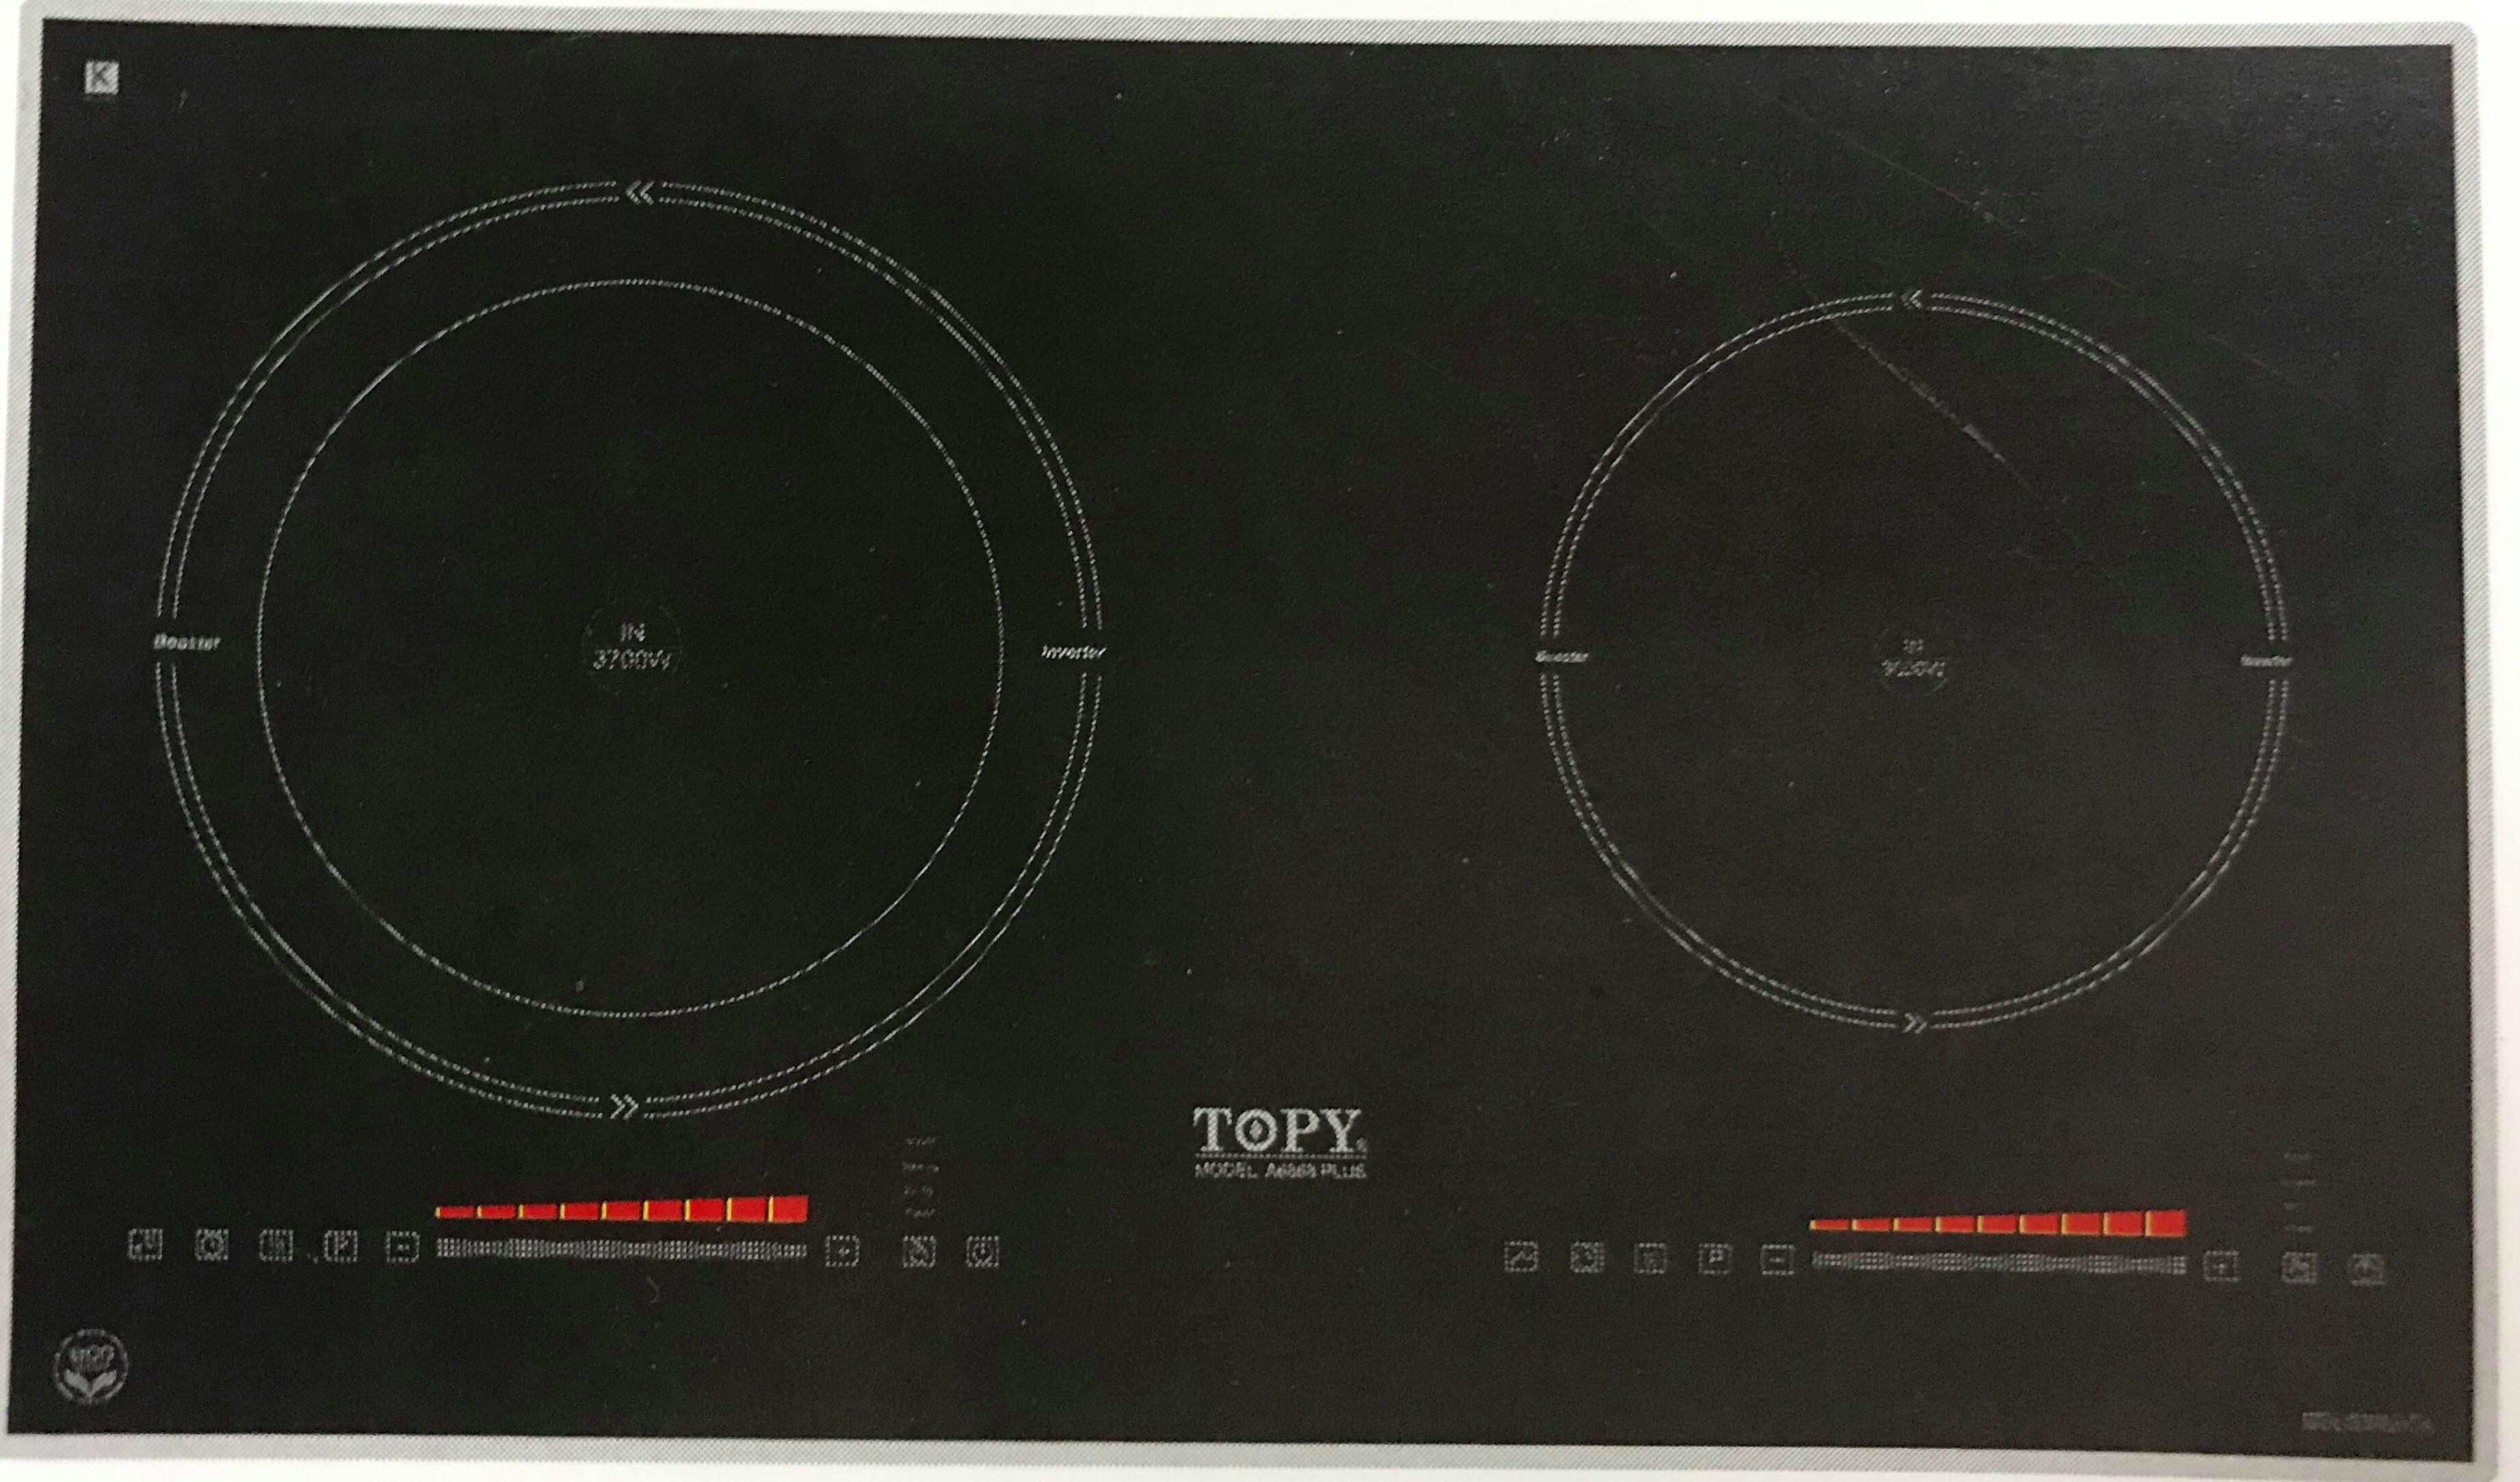 Bếp từ TOPY TP-868 PLUS